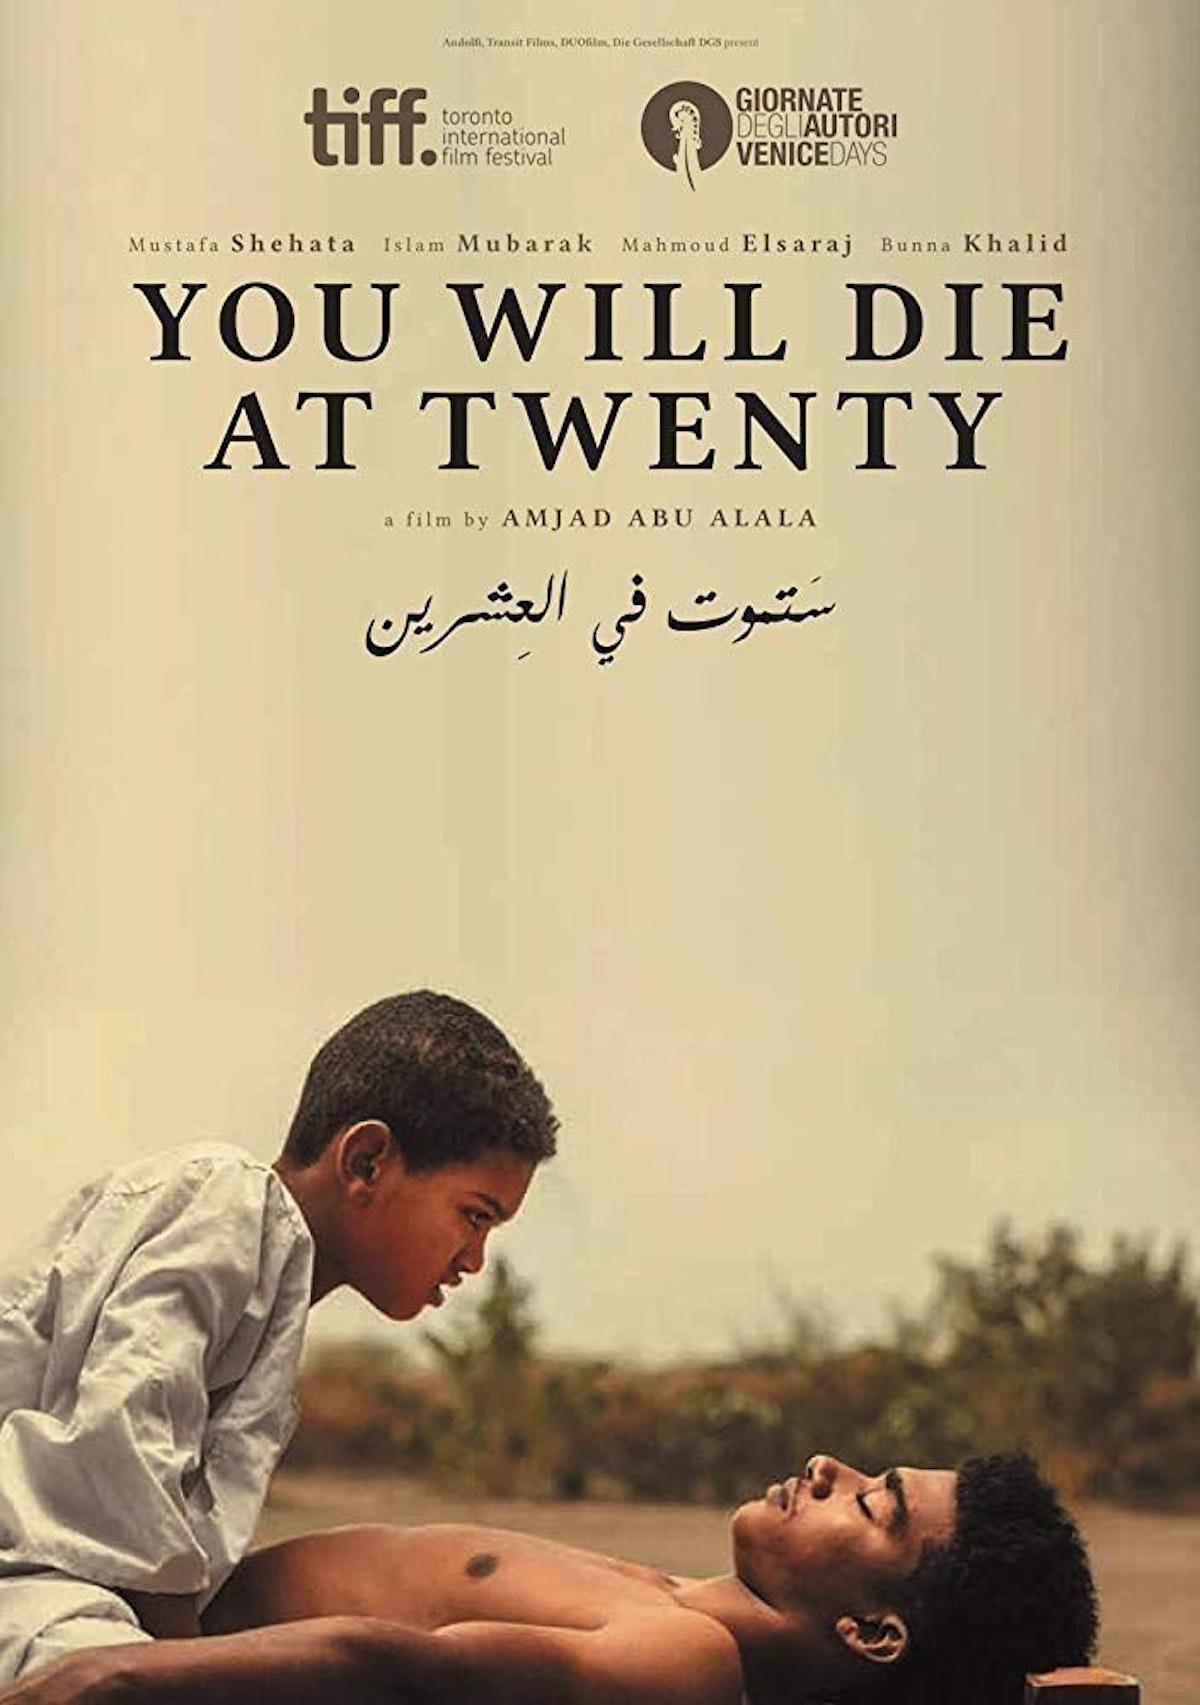 ملصق الفيلم السوداني الذي لقي نجاحاً عالمياً - إندبندنت عربية